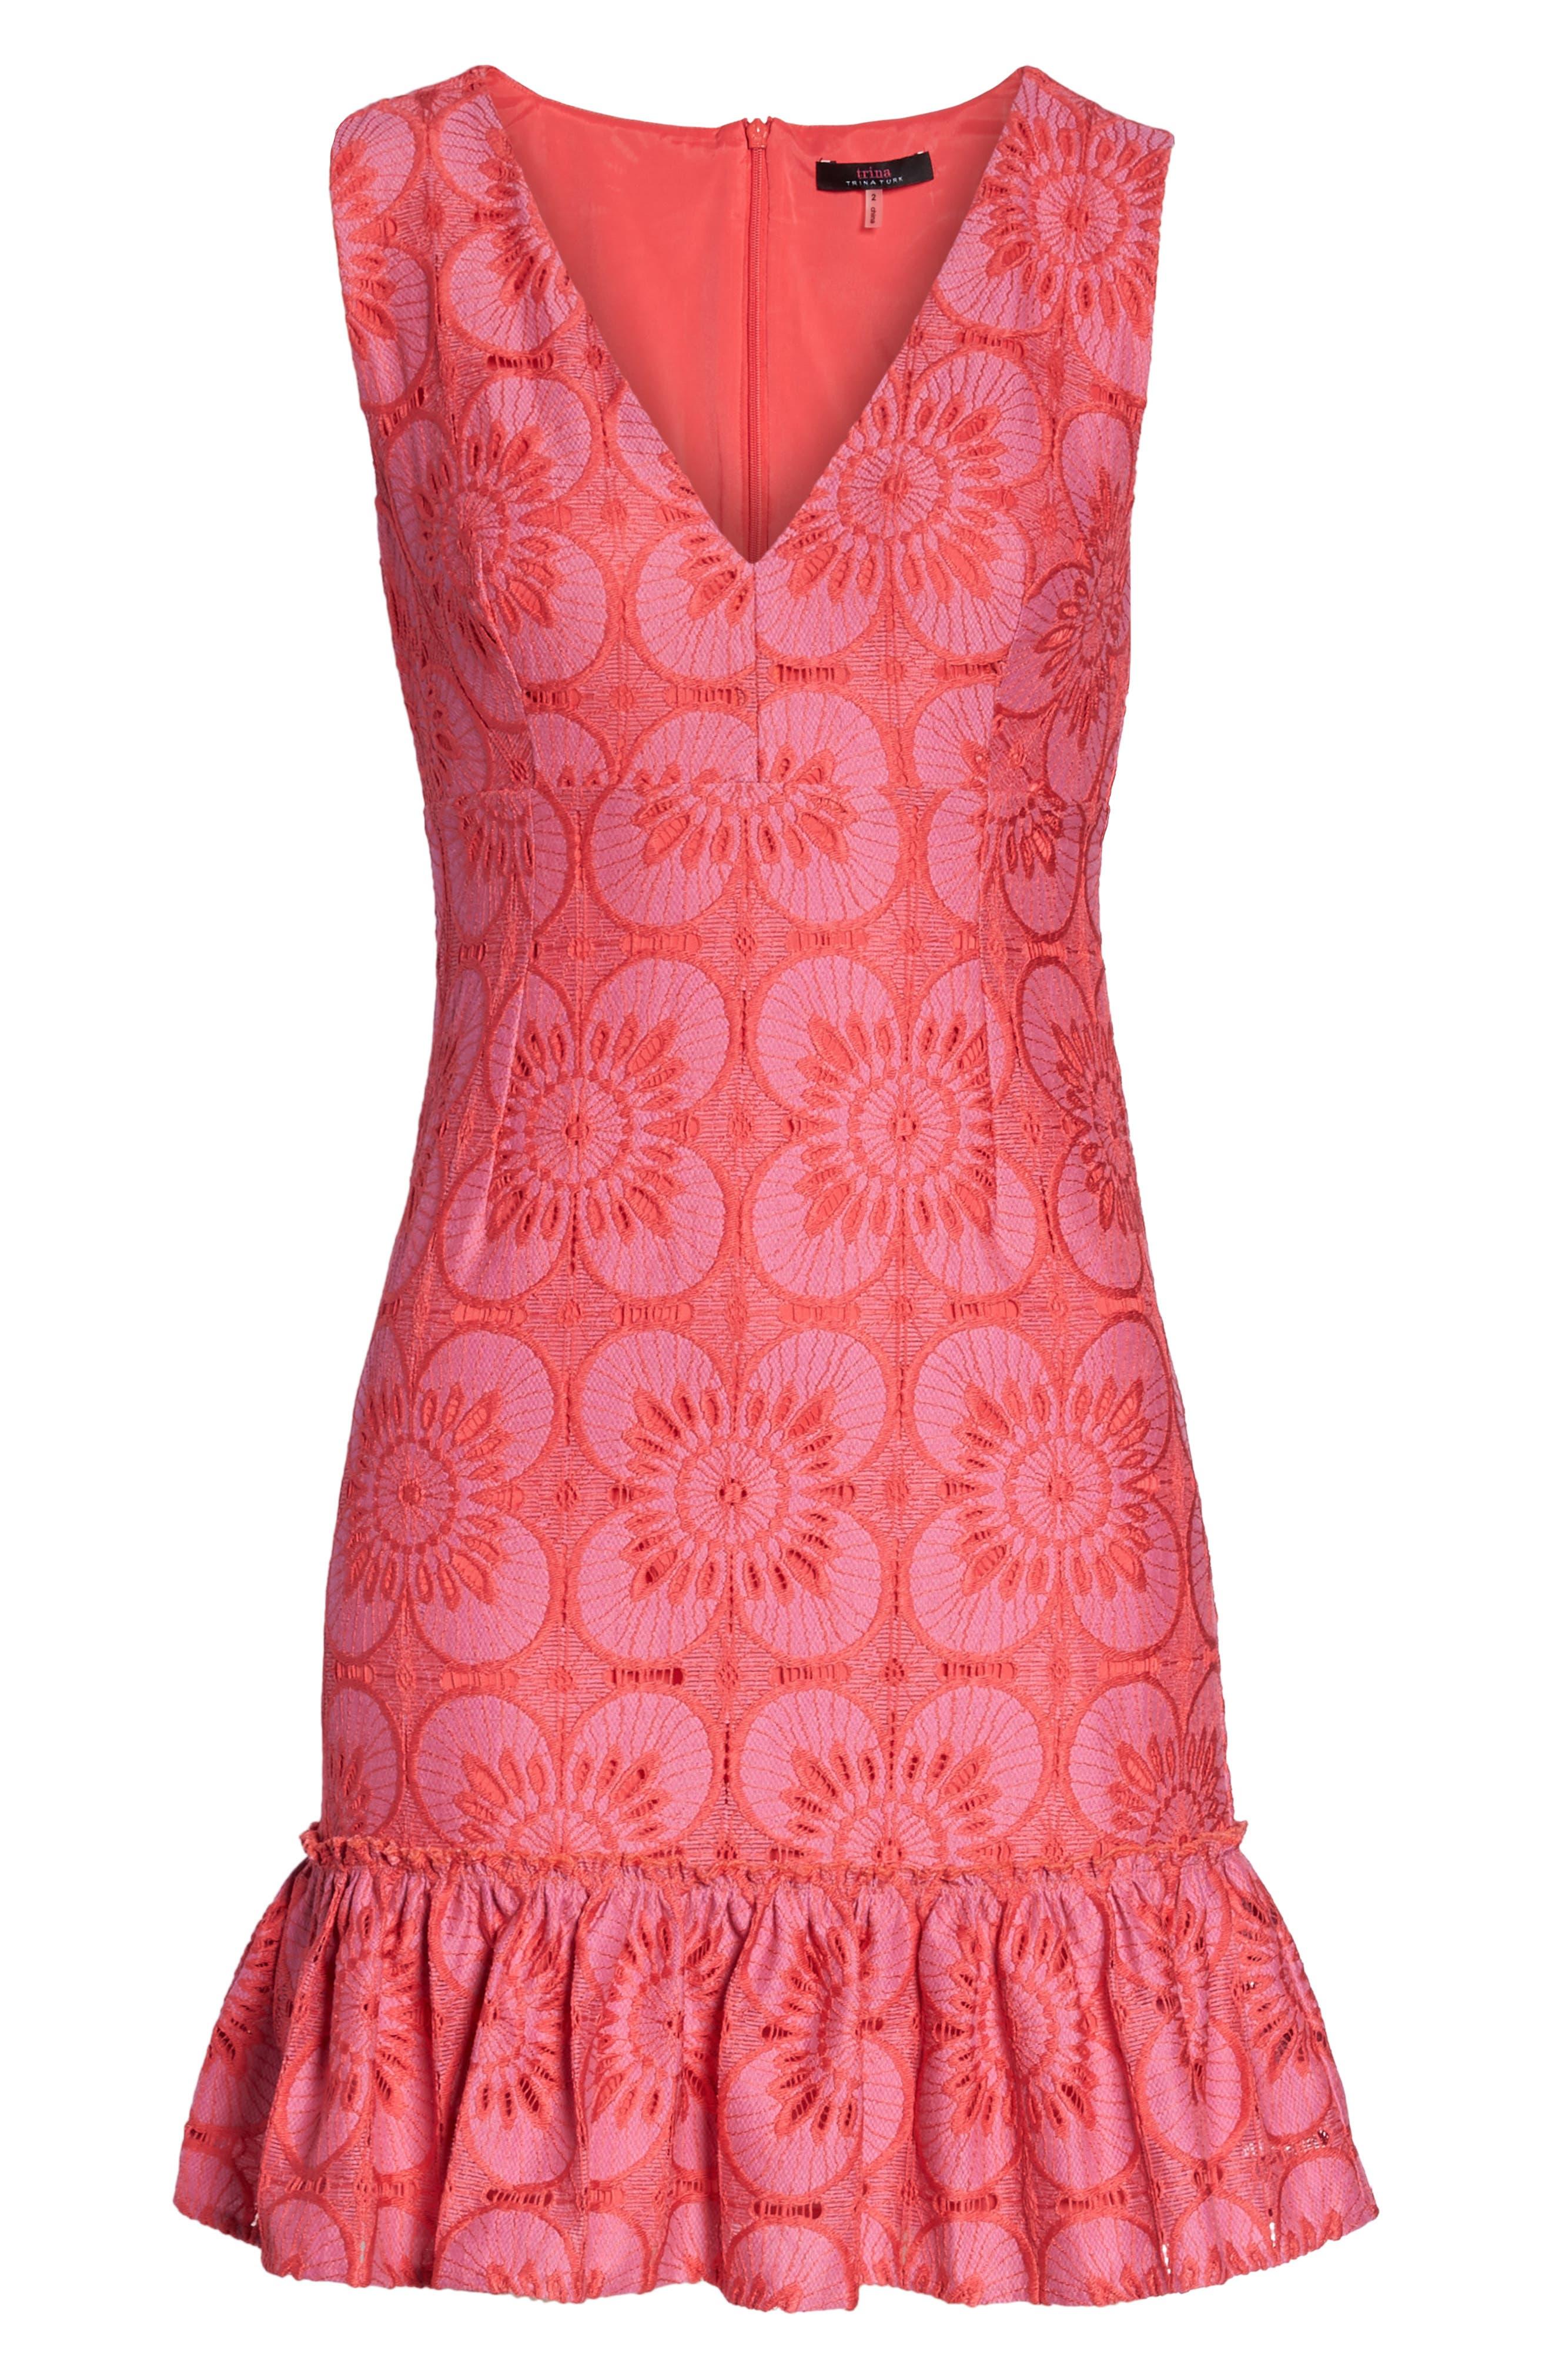 Carpinteria Lace Ruffle Hem Dress,                             Alternate thumbnail 6, color,